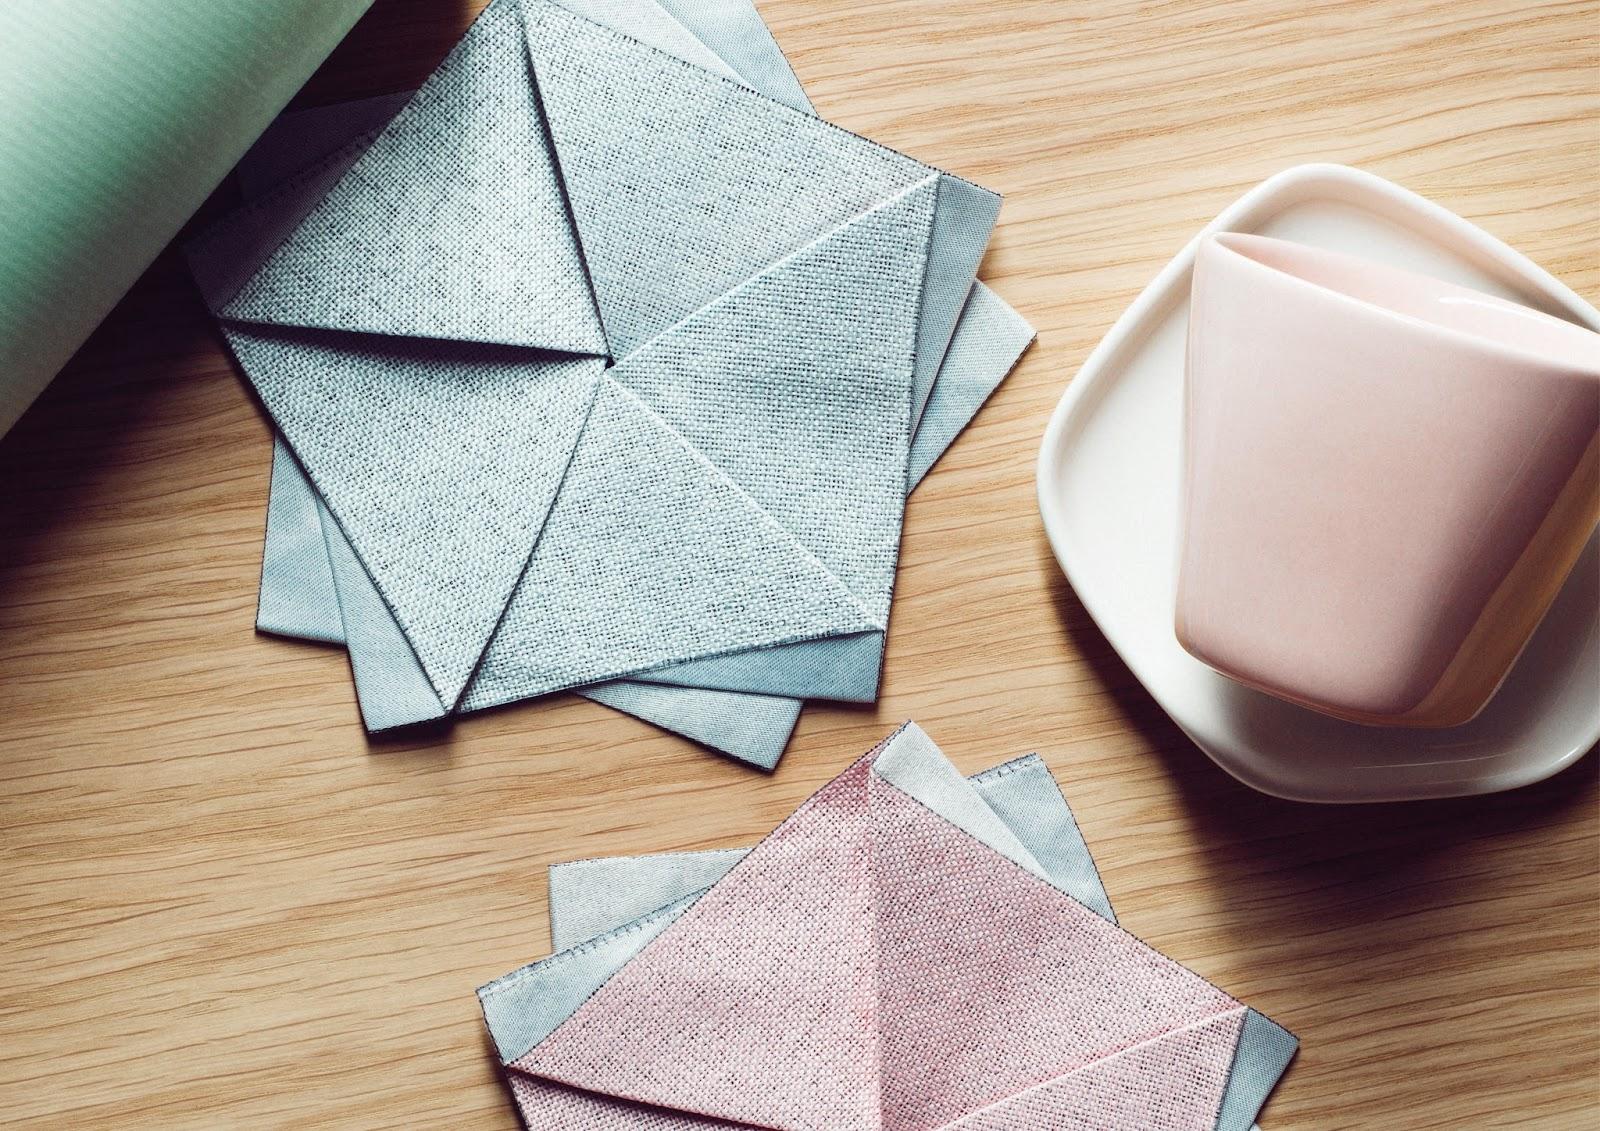 Iittala at Stockholm Design week, Table with 4 Iittala cups on